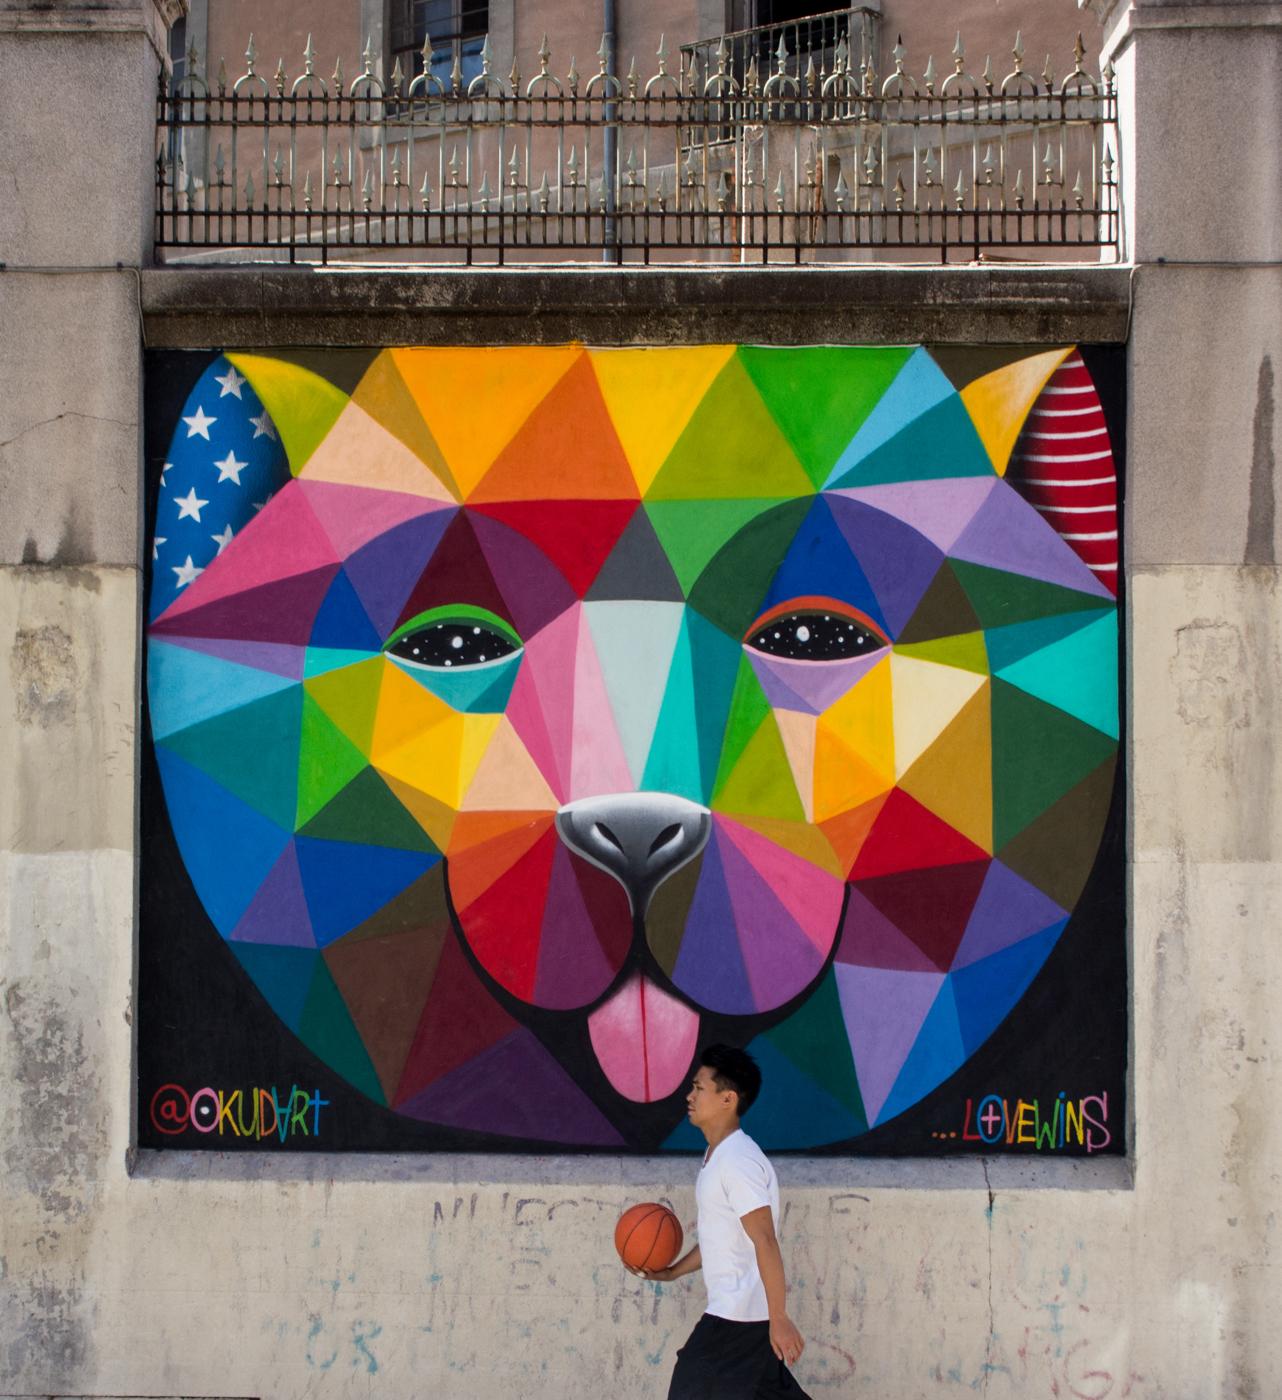 Okuda final - MurosTabacalera by Guillermo de la Madrid - Madrid Street Art Project.jpg